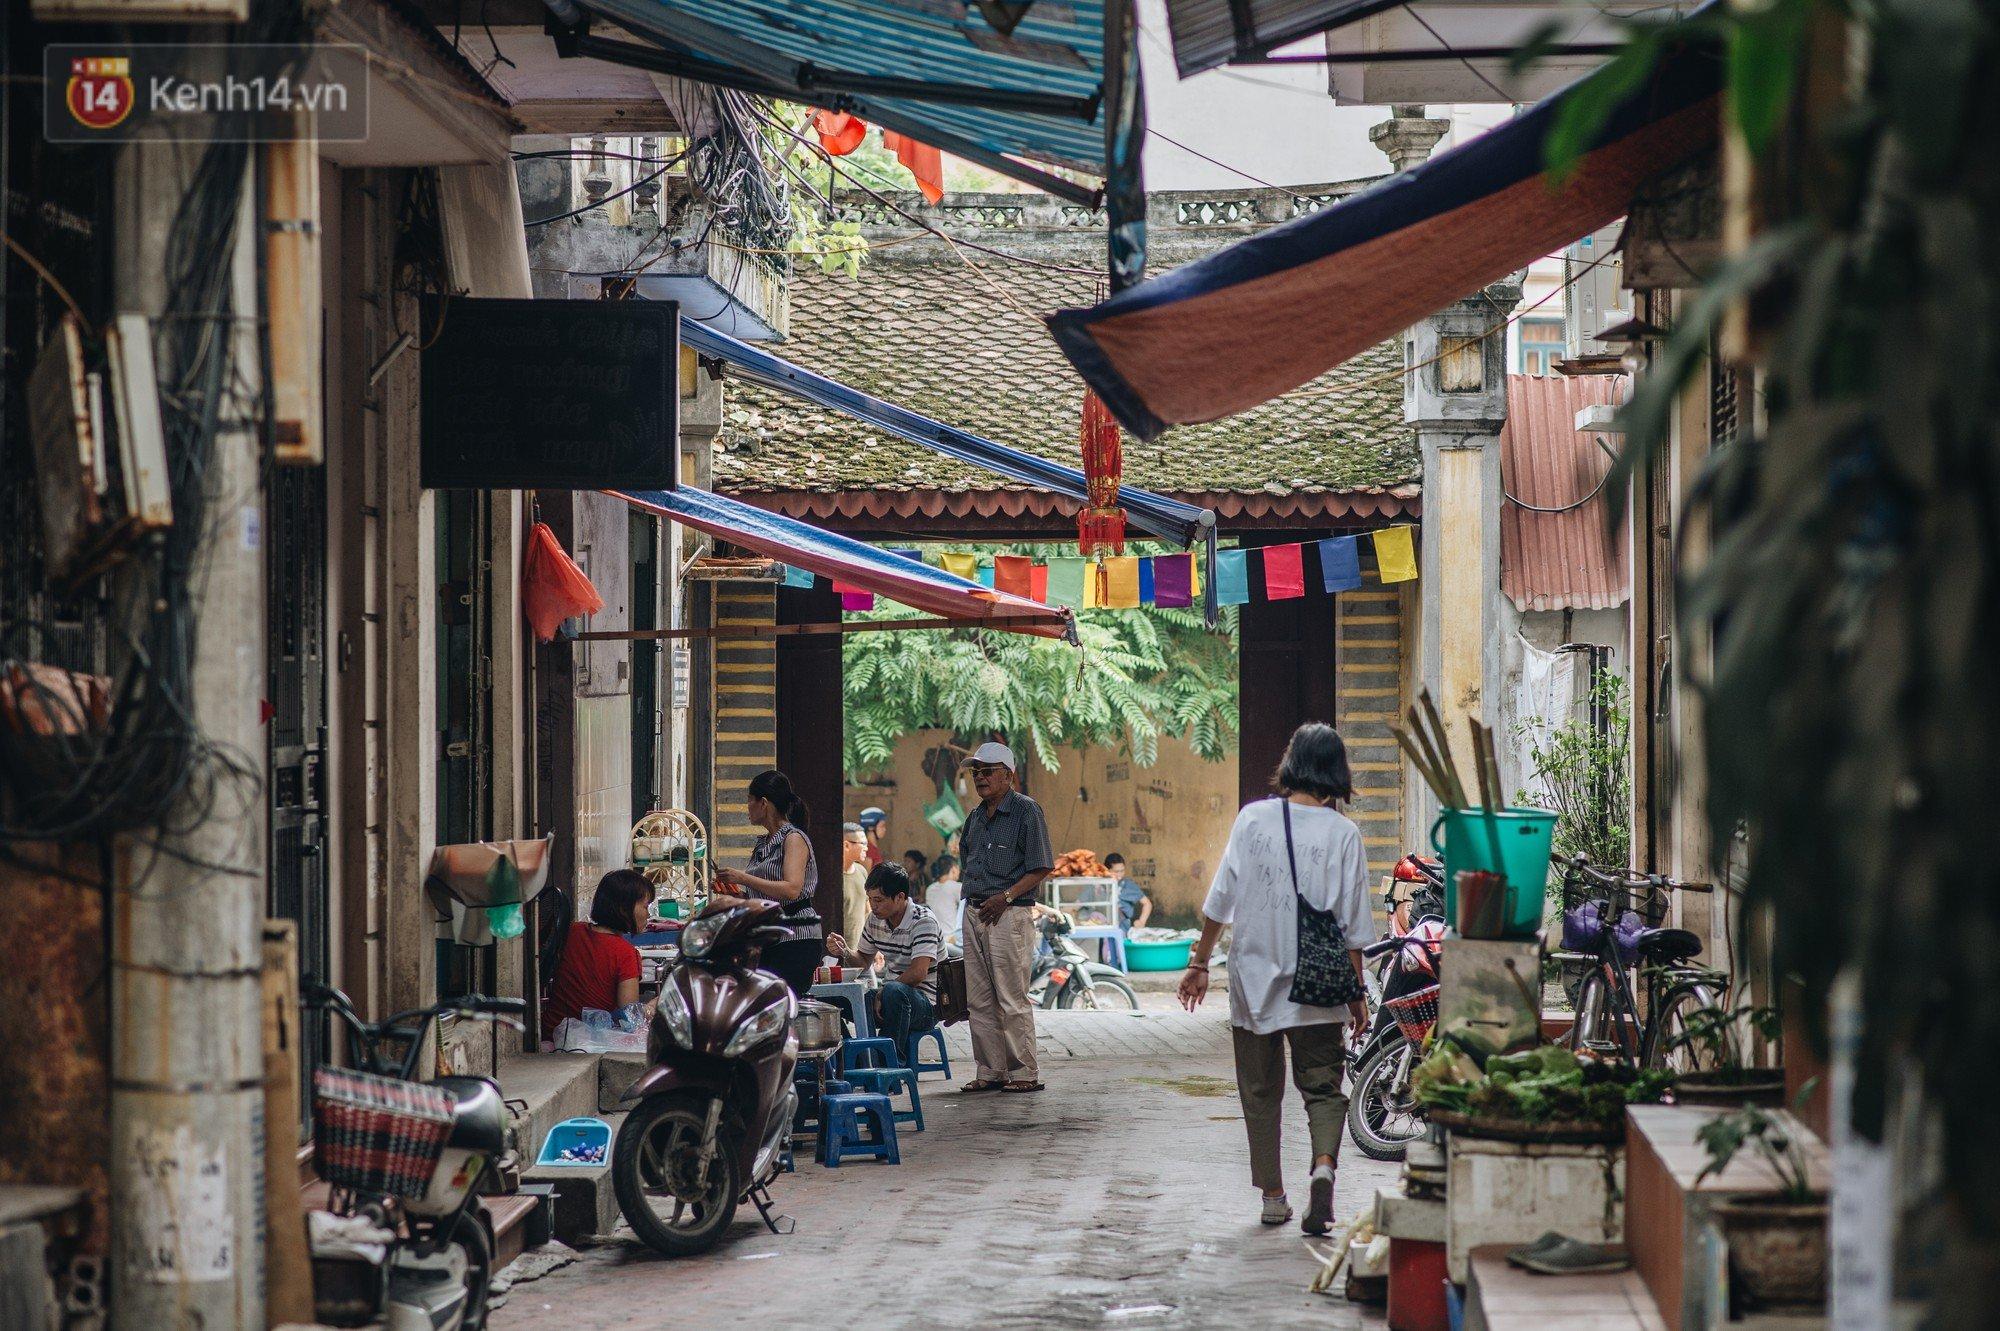 Chuyện về một con phố có nhiều cổng làng nhất Hà Nội: Đưa chân qua cổng phải tôn trọng nếp làng - Ảnh 4.